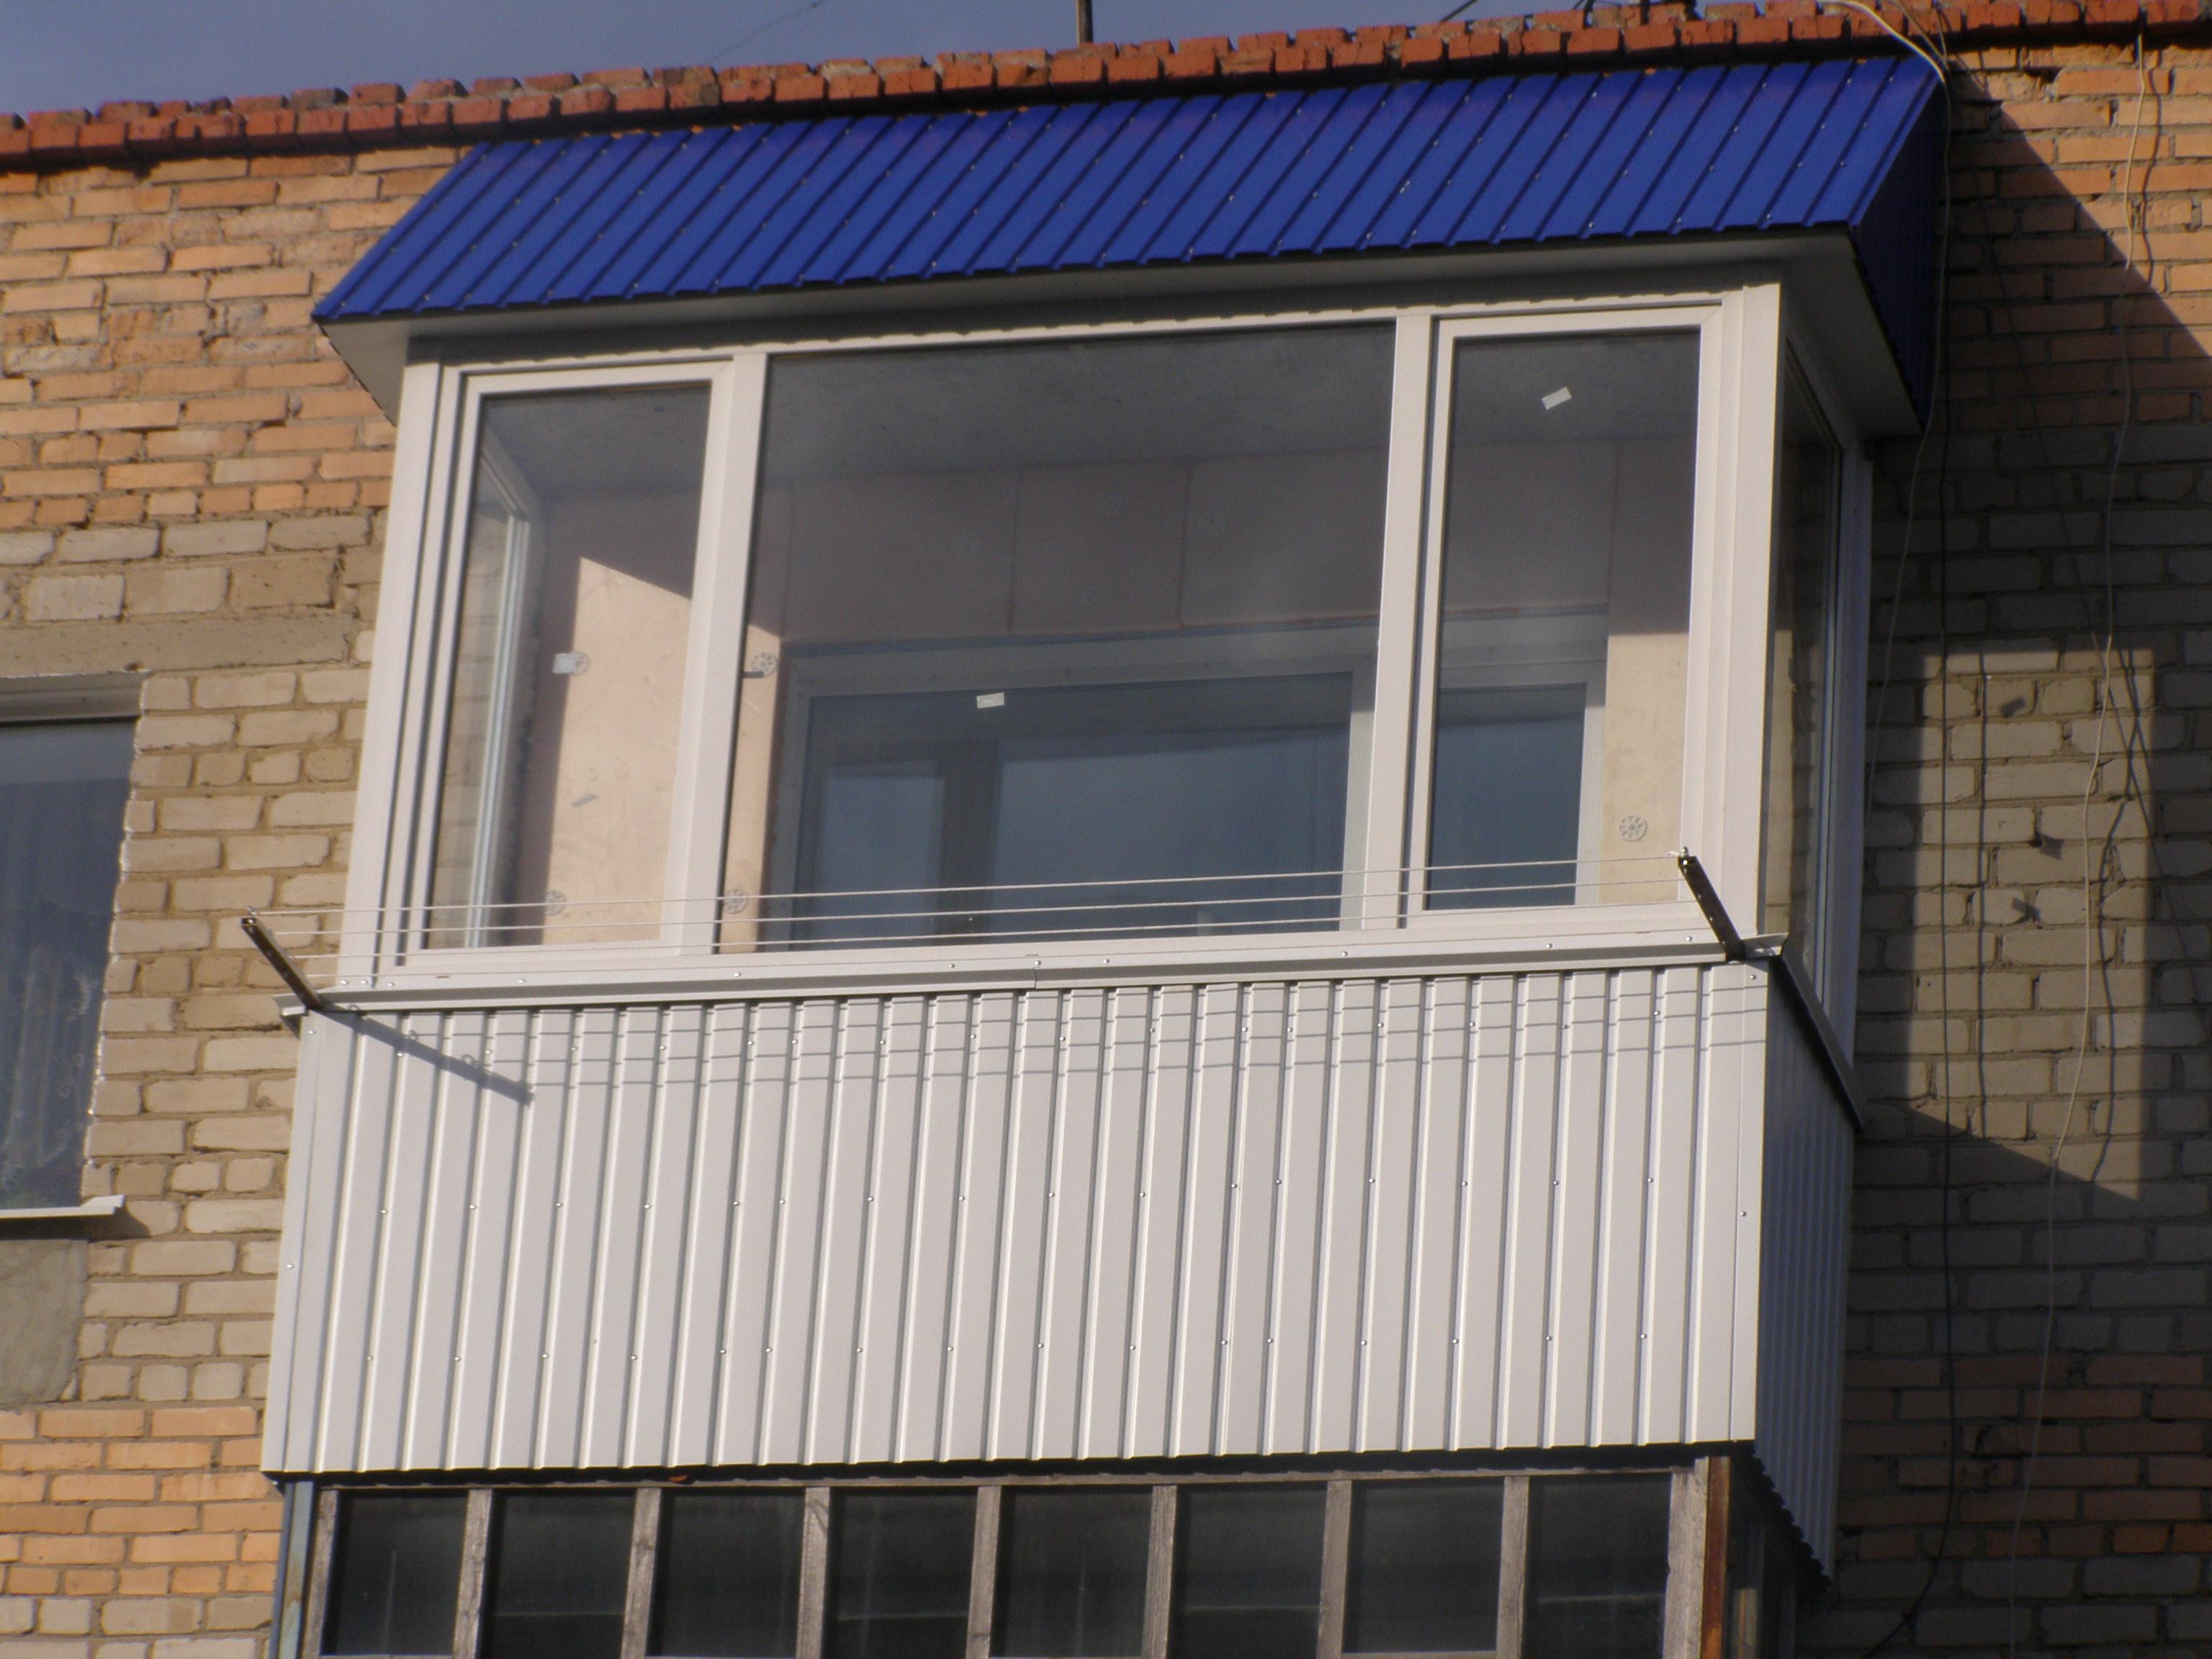 Утепление балкона в хрущевке: теплоизоляция стен, пола и пот.